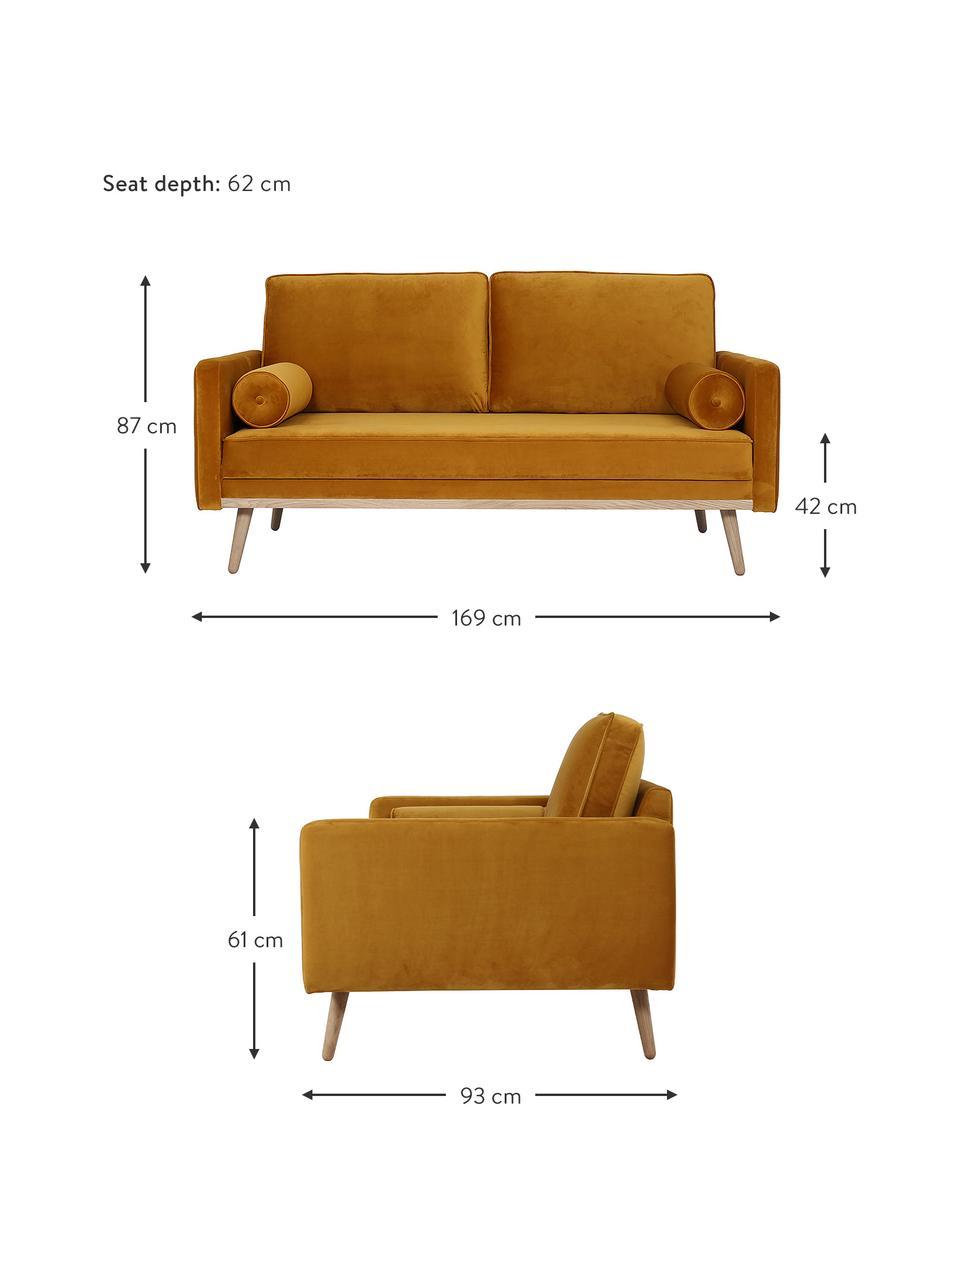 Samt-Sofa Saint (2-Sitzer) in Senfgelb mit Eichenholz-Füßen, Bezug: Samt (Polyester) Der hoch, Gestell: Massives Eichenholz, Span, Samt Senfgelb, B 169 x T 87 cm